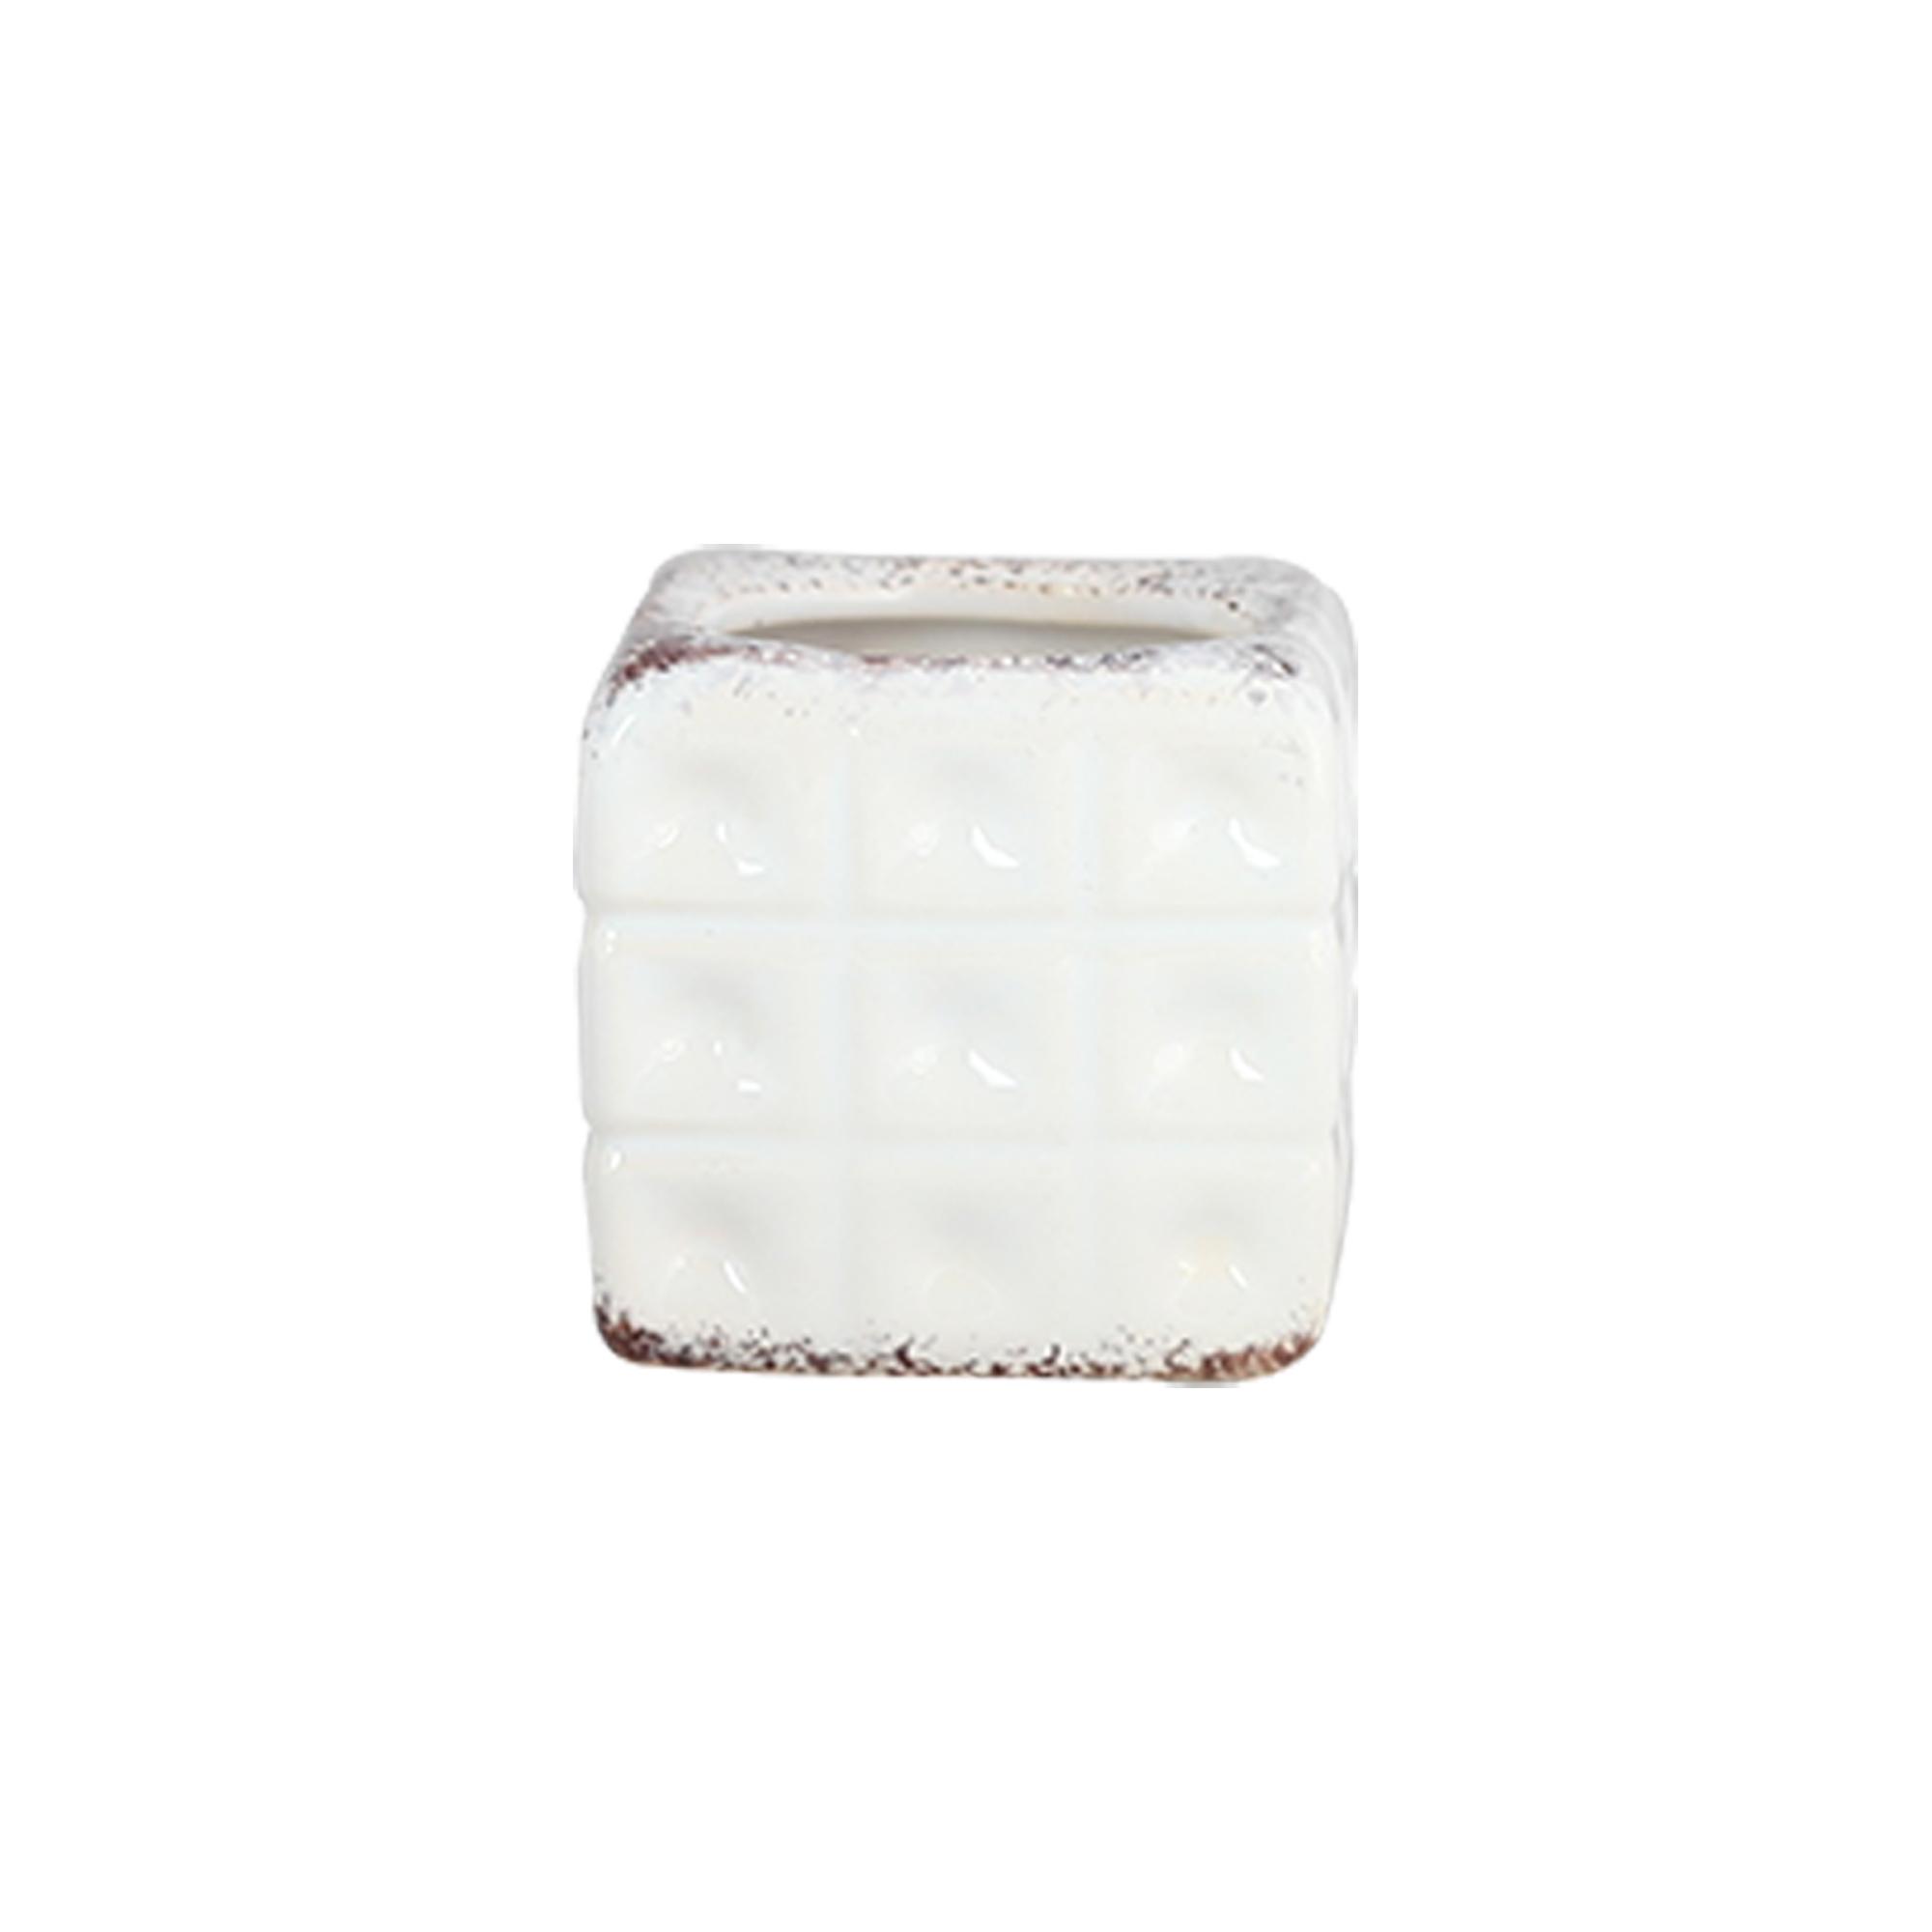 Cachepo Caixa Micro Detalhado